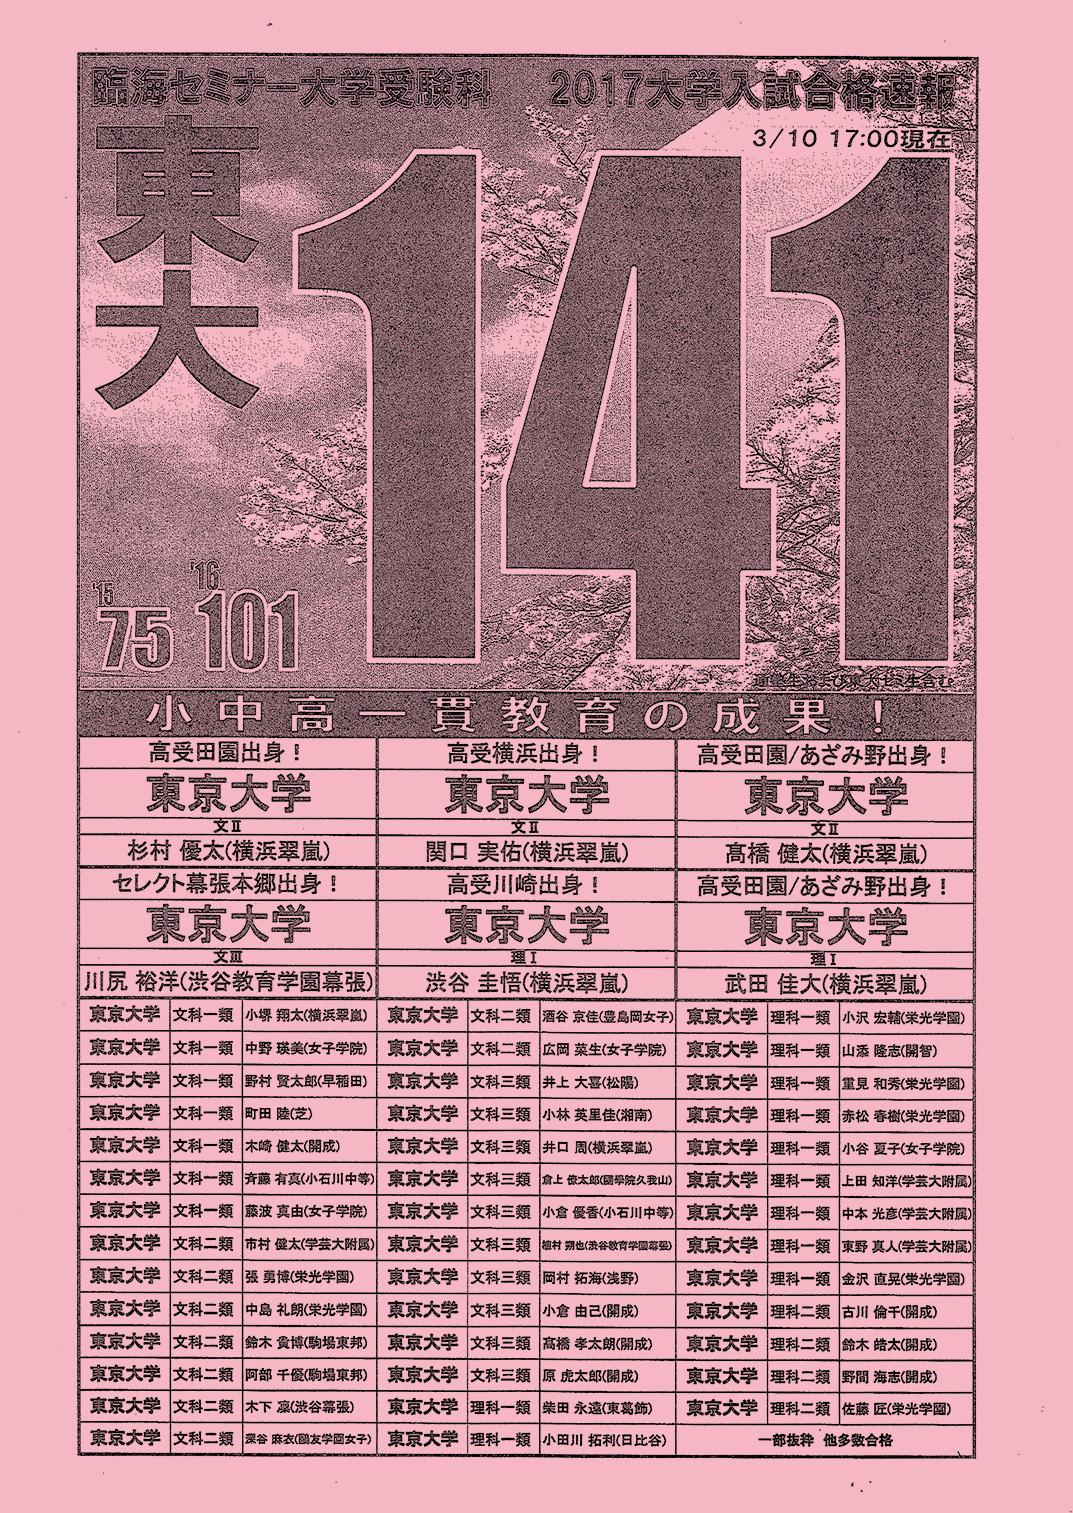 臨海セミナー大学受験科 2017大学入試合格速報(3/10)